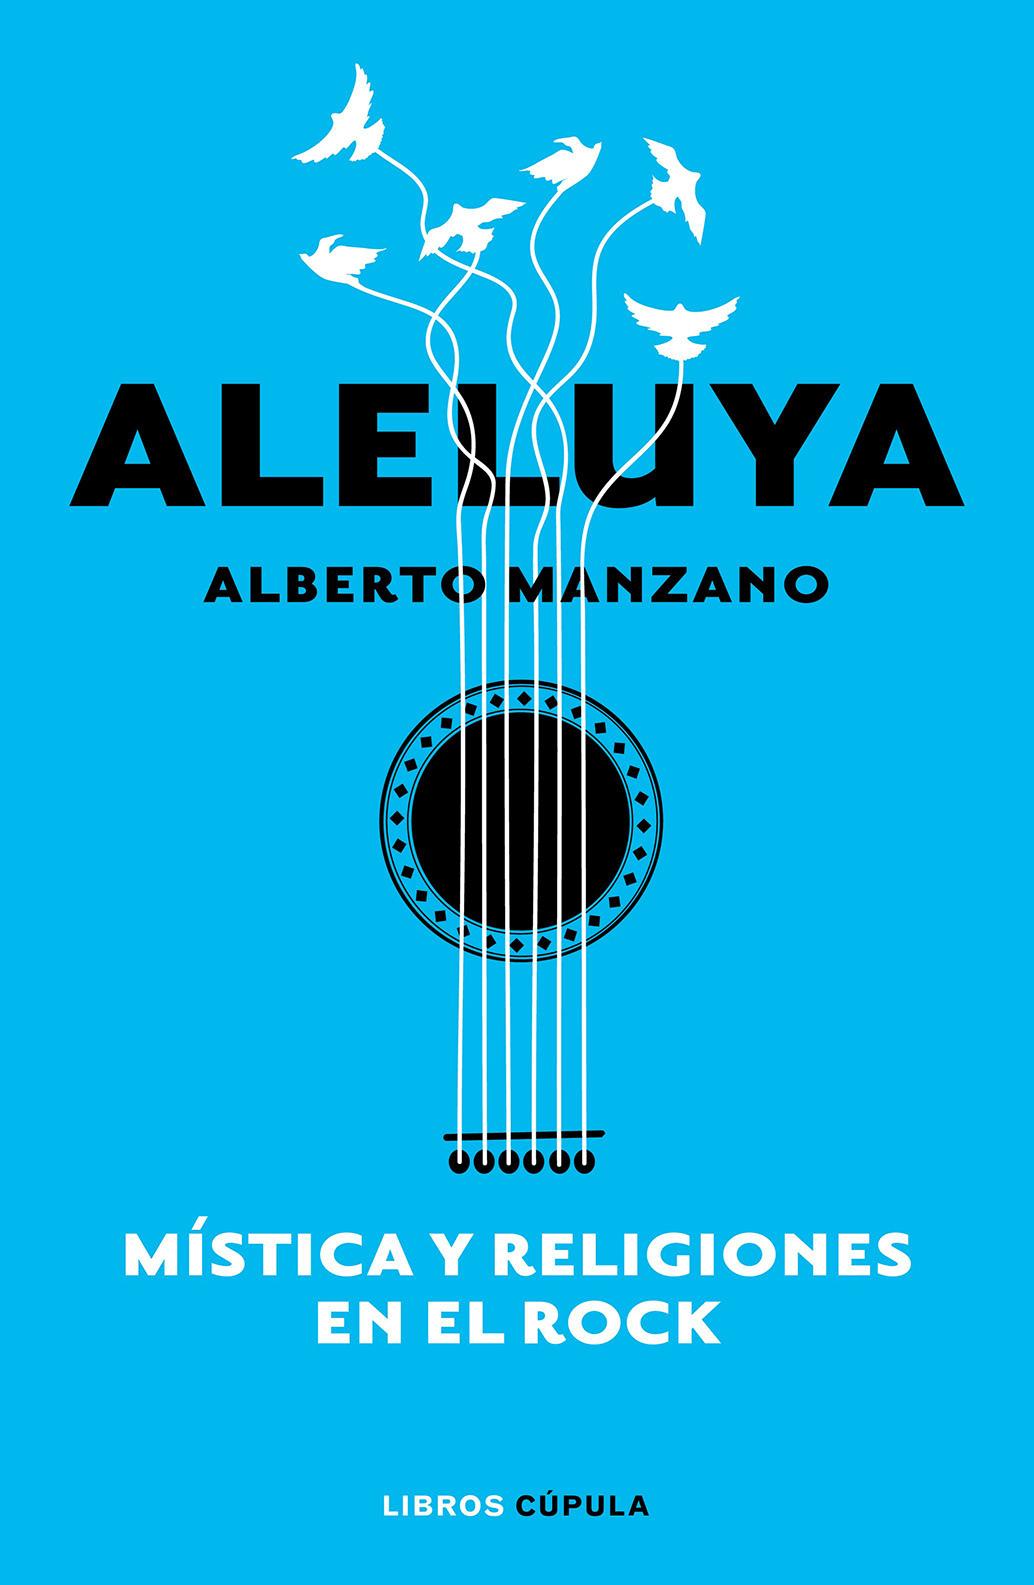 Alberto Manzano analiza la influencia de la religión en la música